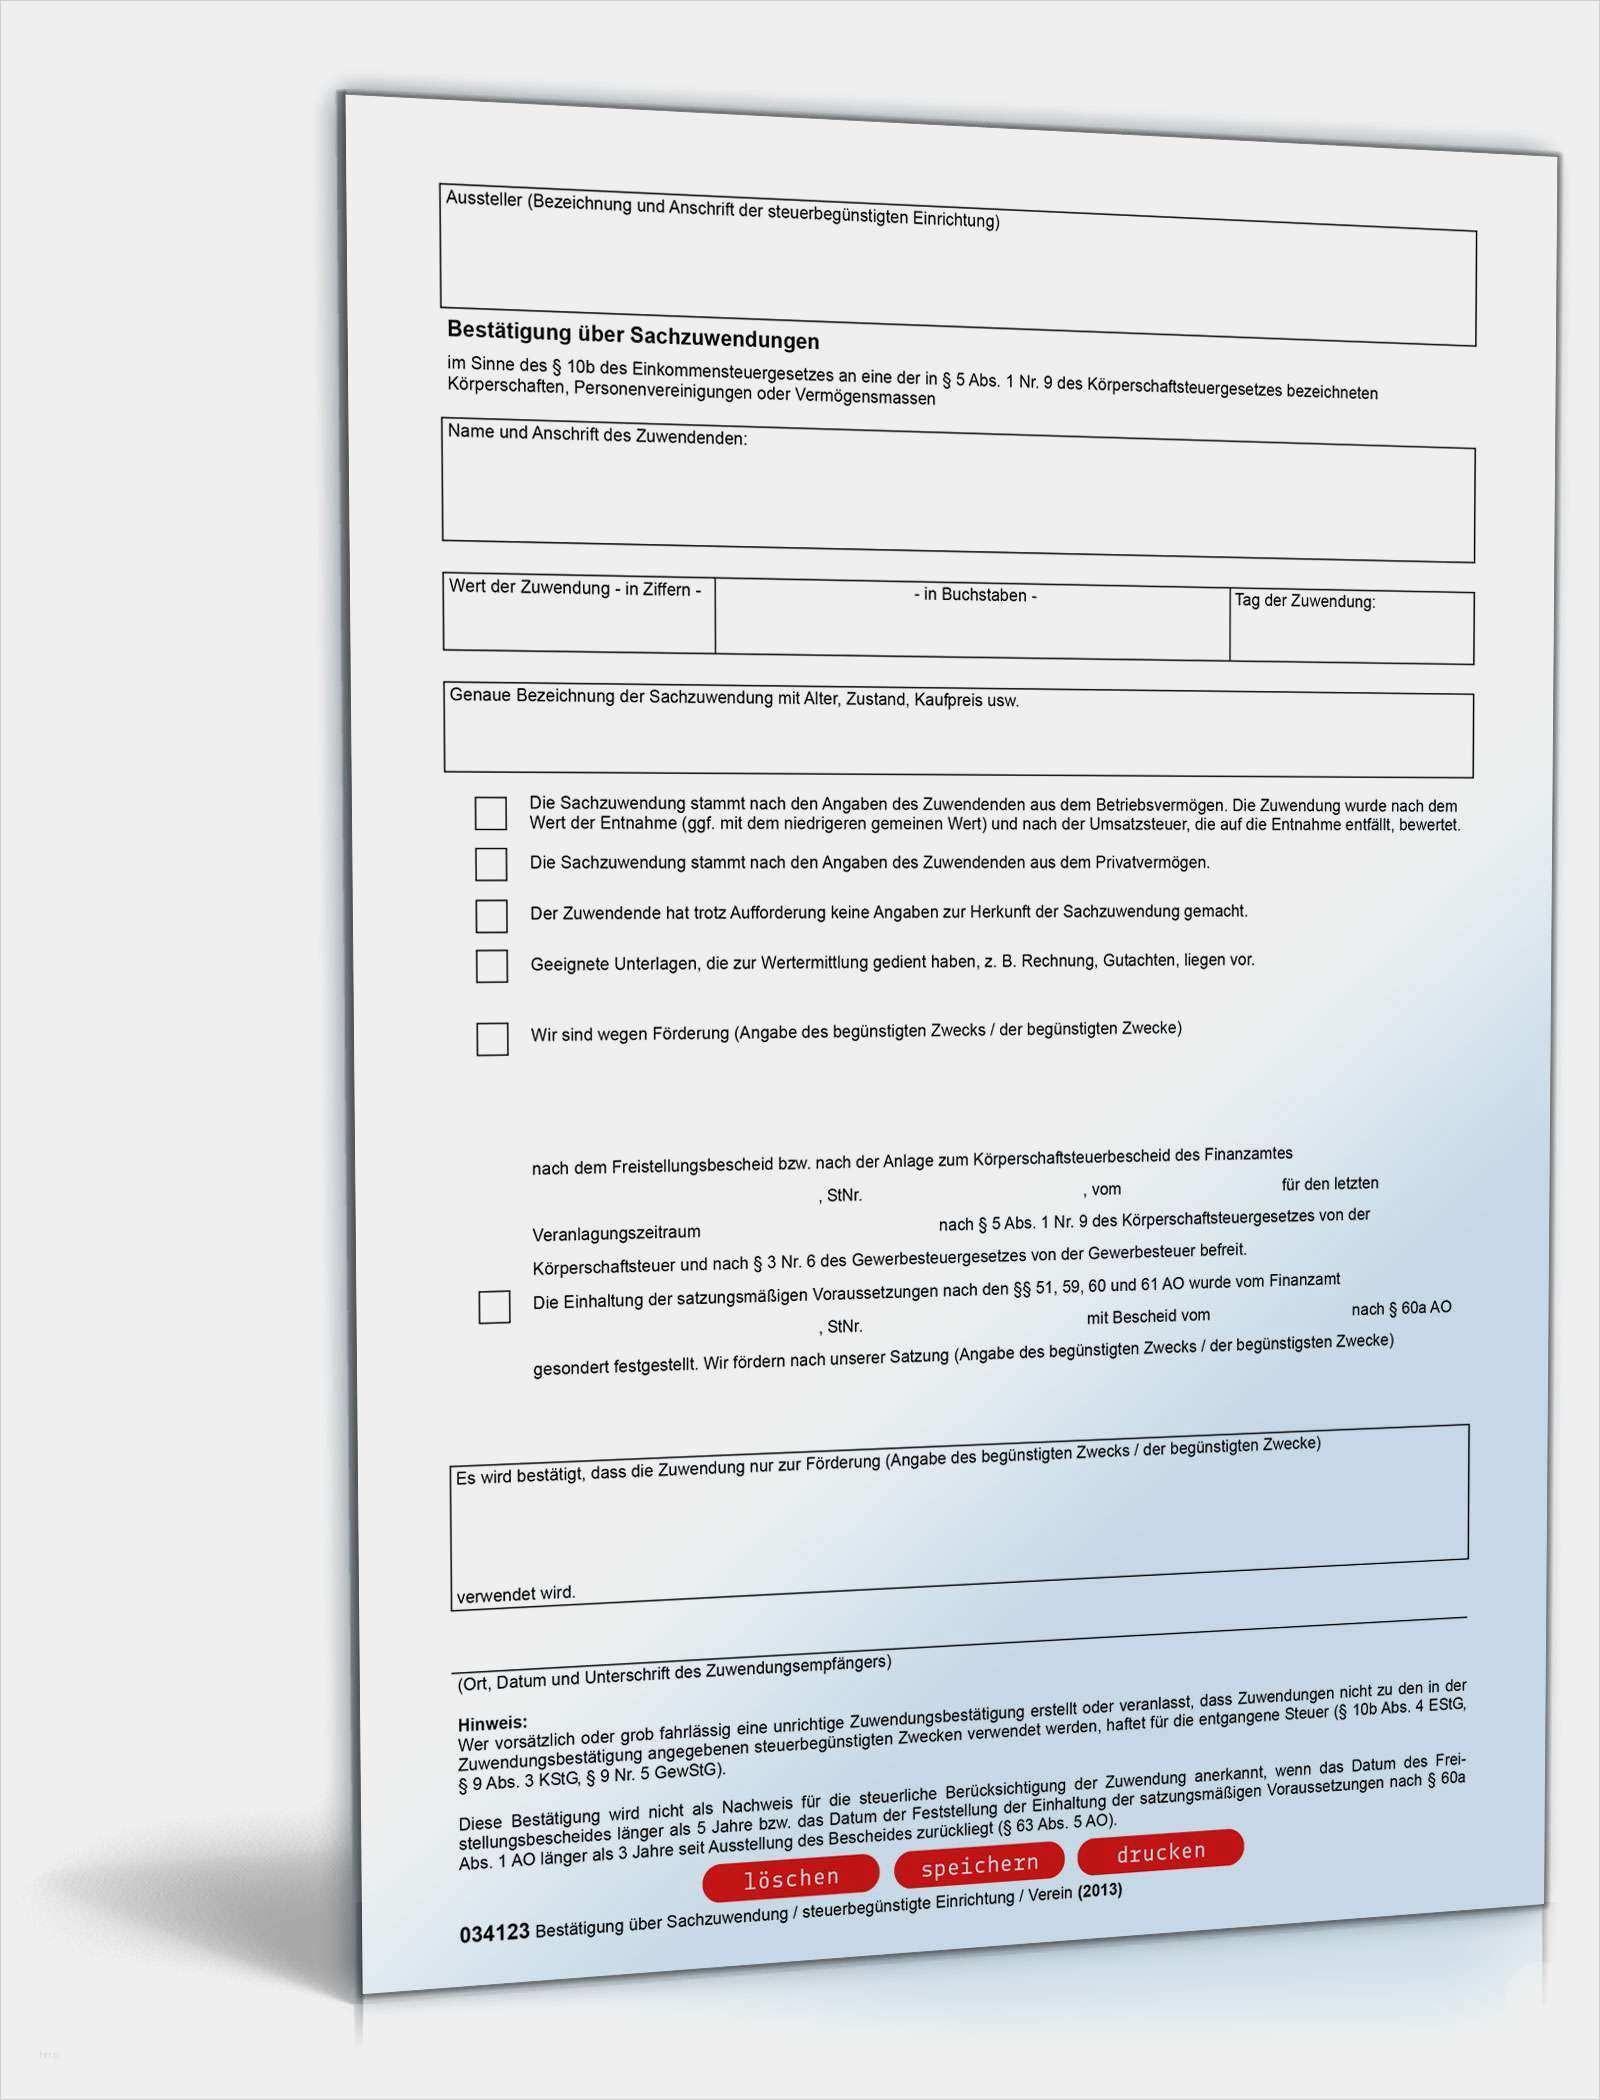 32 Hubsch Steuererklarung Vorlage 2014 Galerie In 2020 Vorlagen Vorlagen Word Finanzen